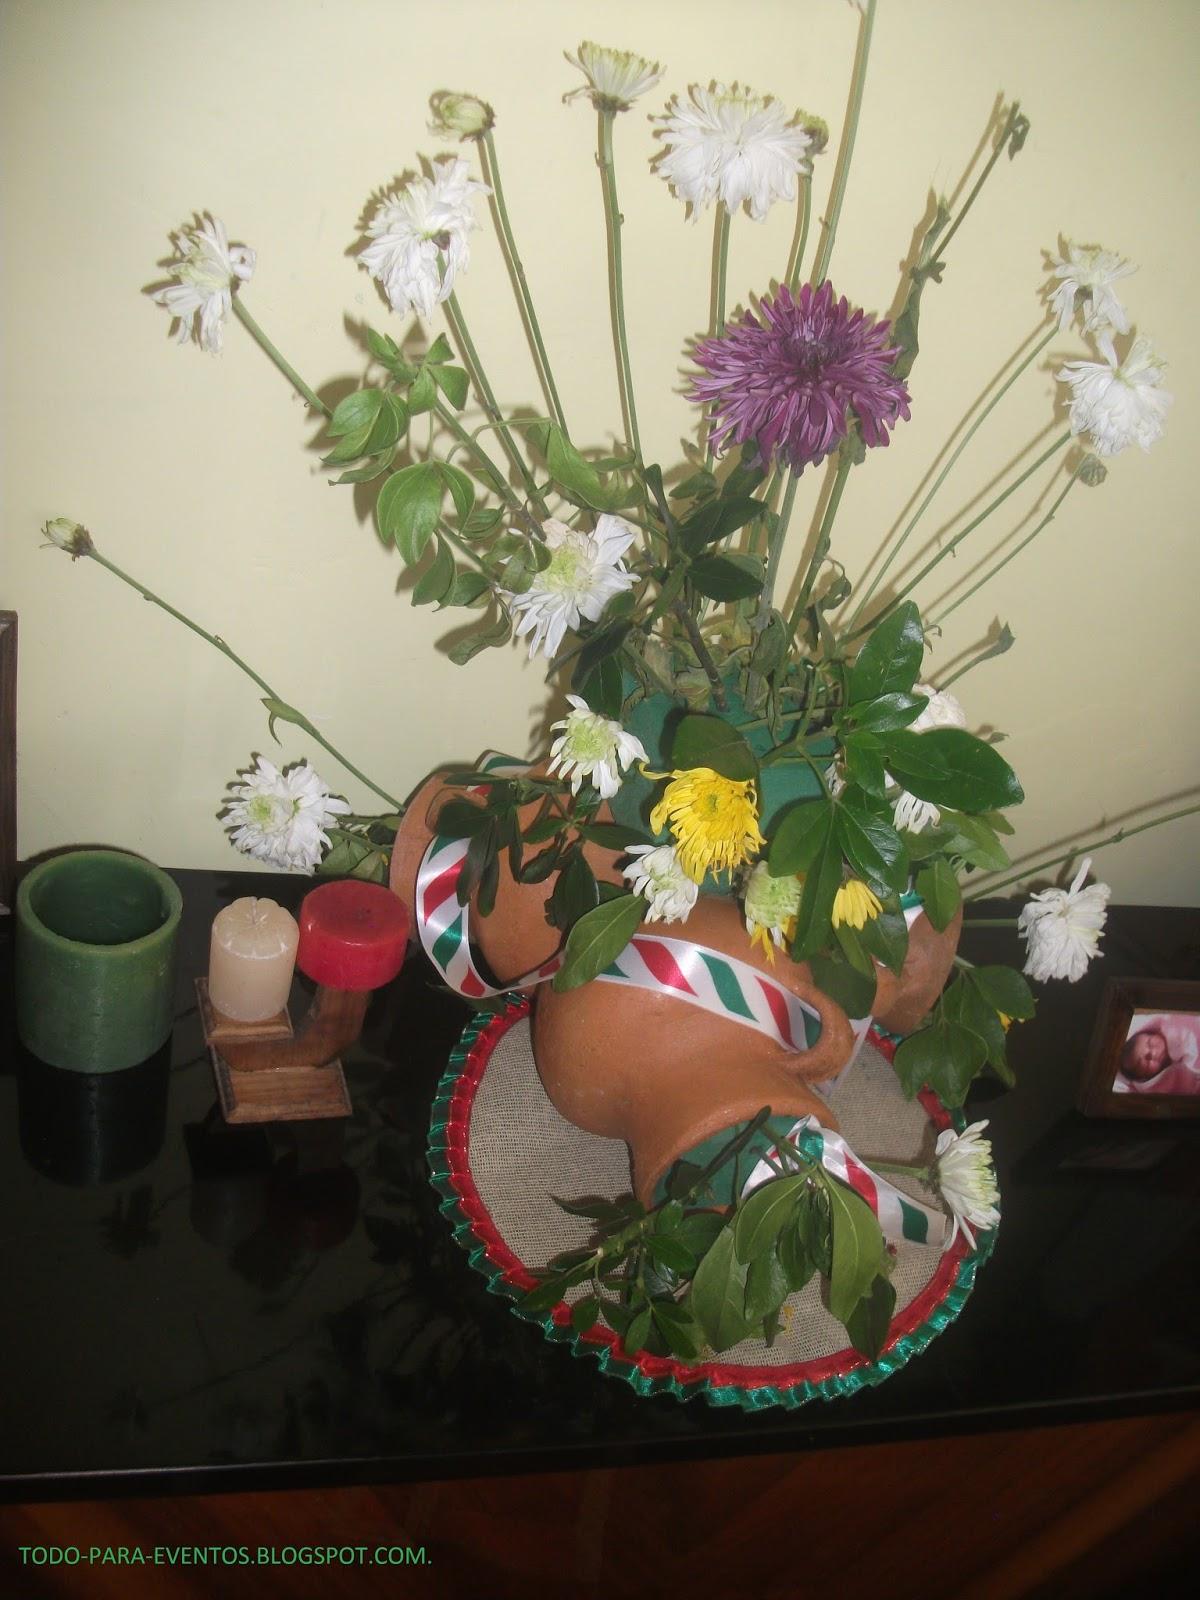 Todo para eventos arreglo floral en ollas de barro for Decoracion de jardin con ollas de barro